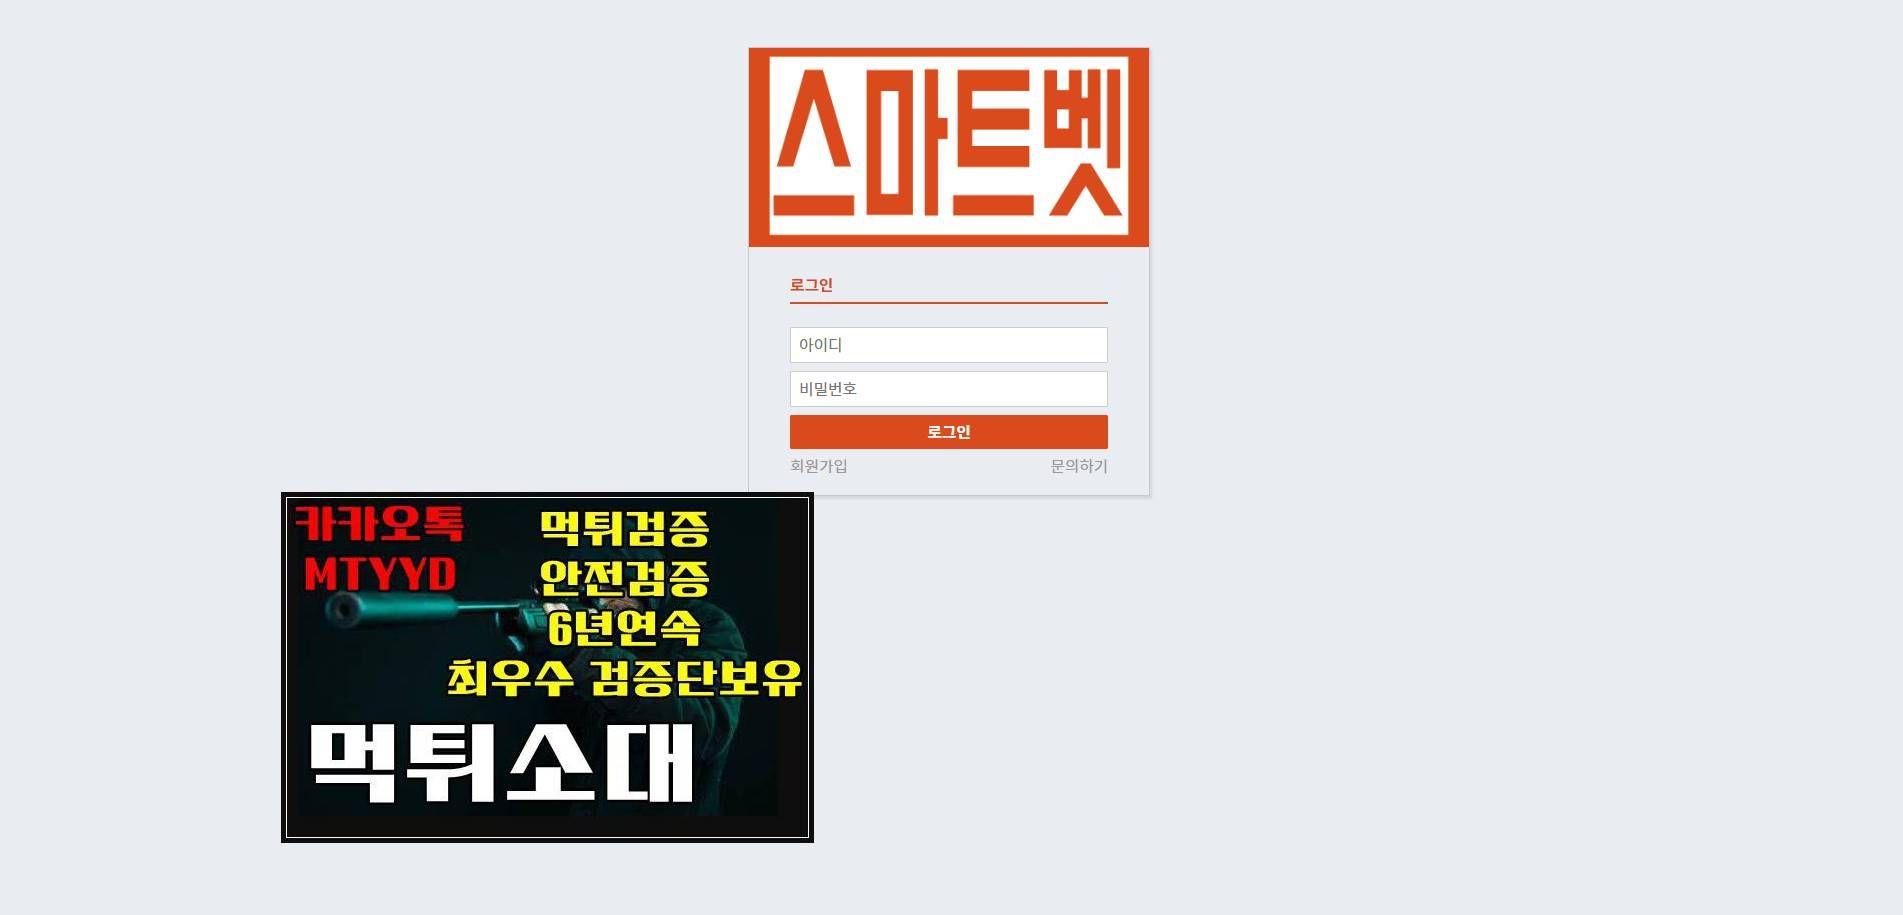 스마트벳먹튀 신규토토검증 검증완료 문자